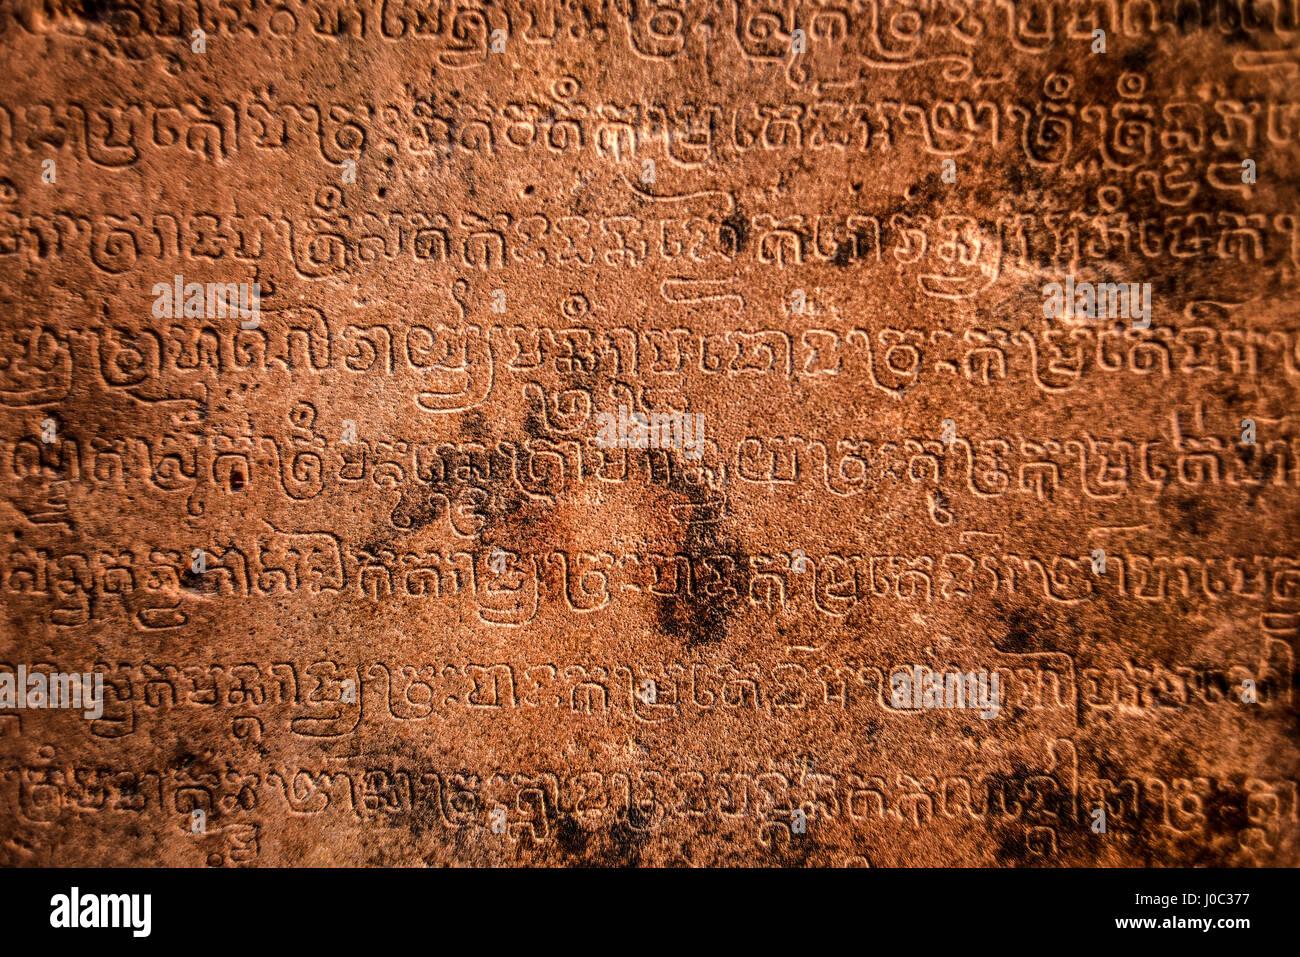 Il sanscrito su un tempio di Angkor Wat, Cambogia. Immagini Stock